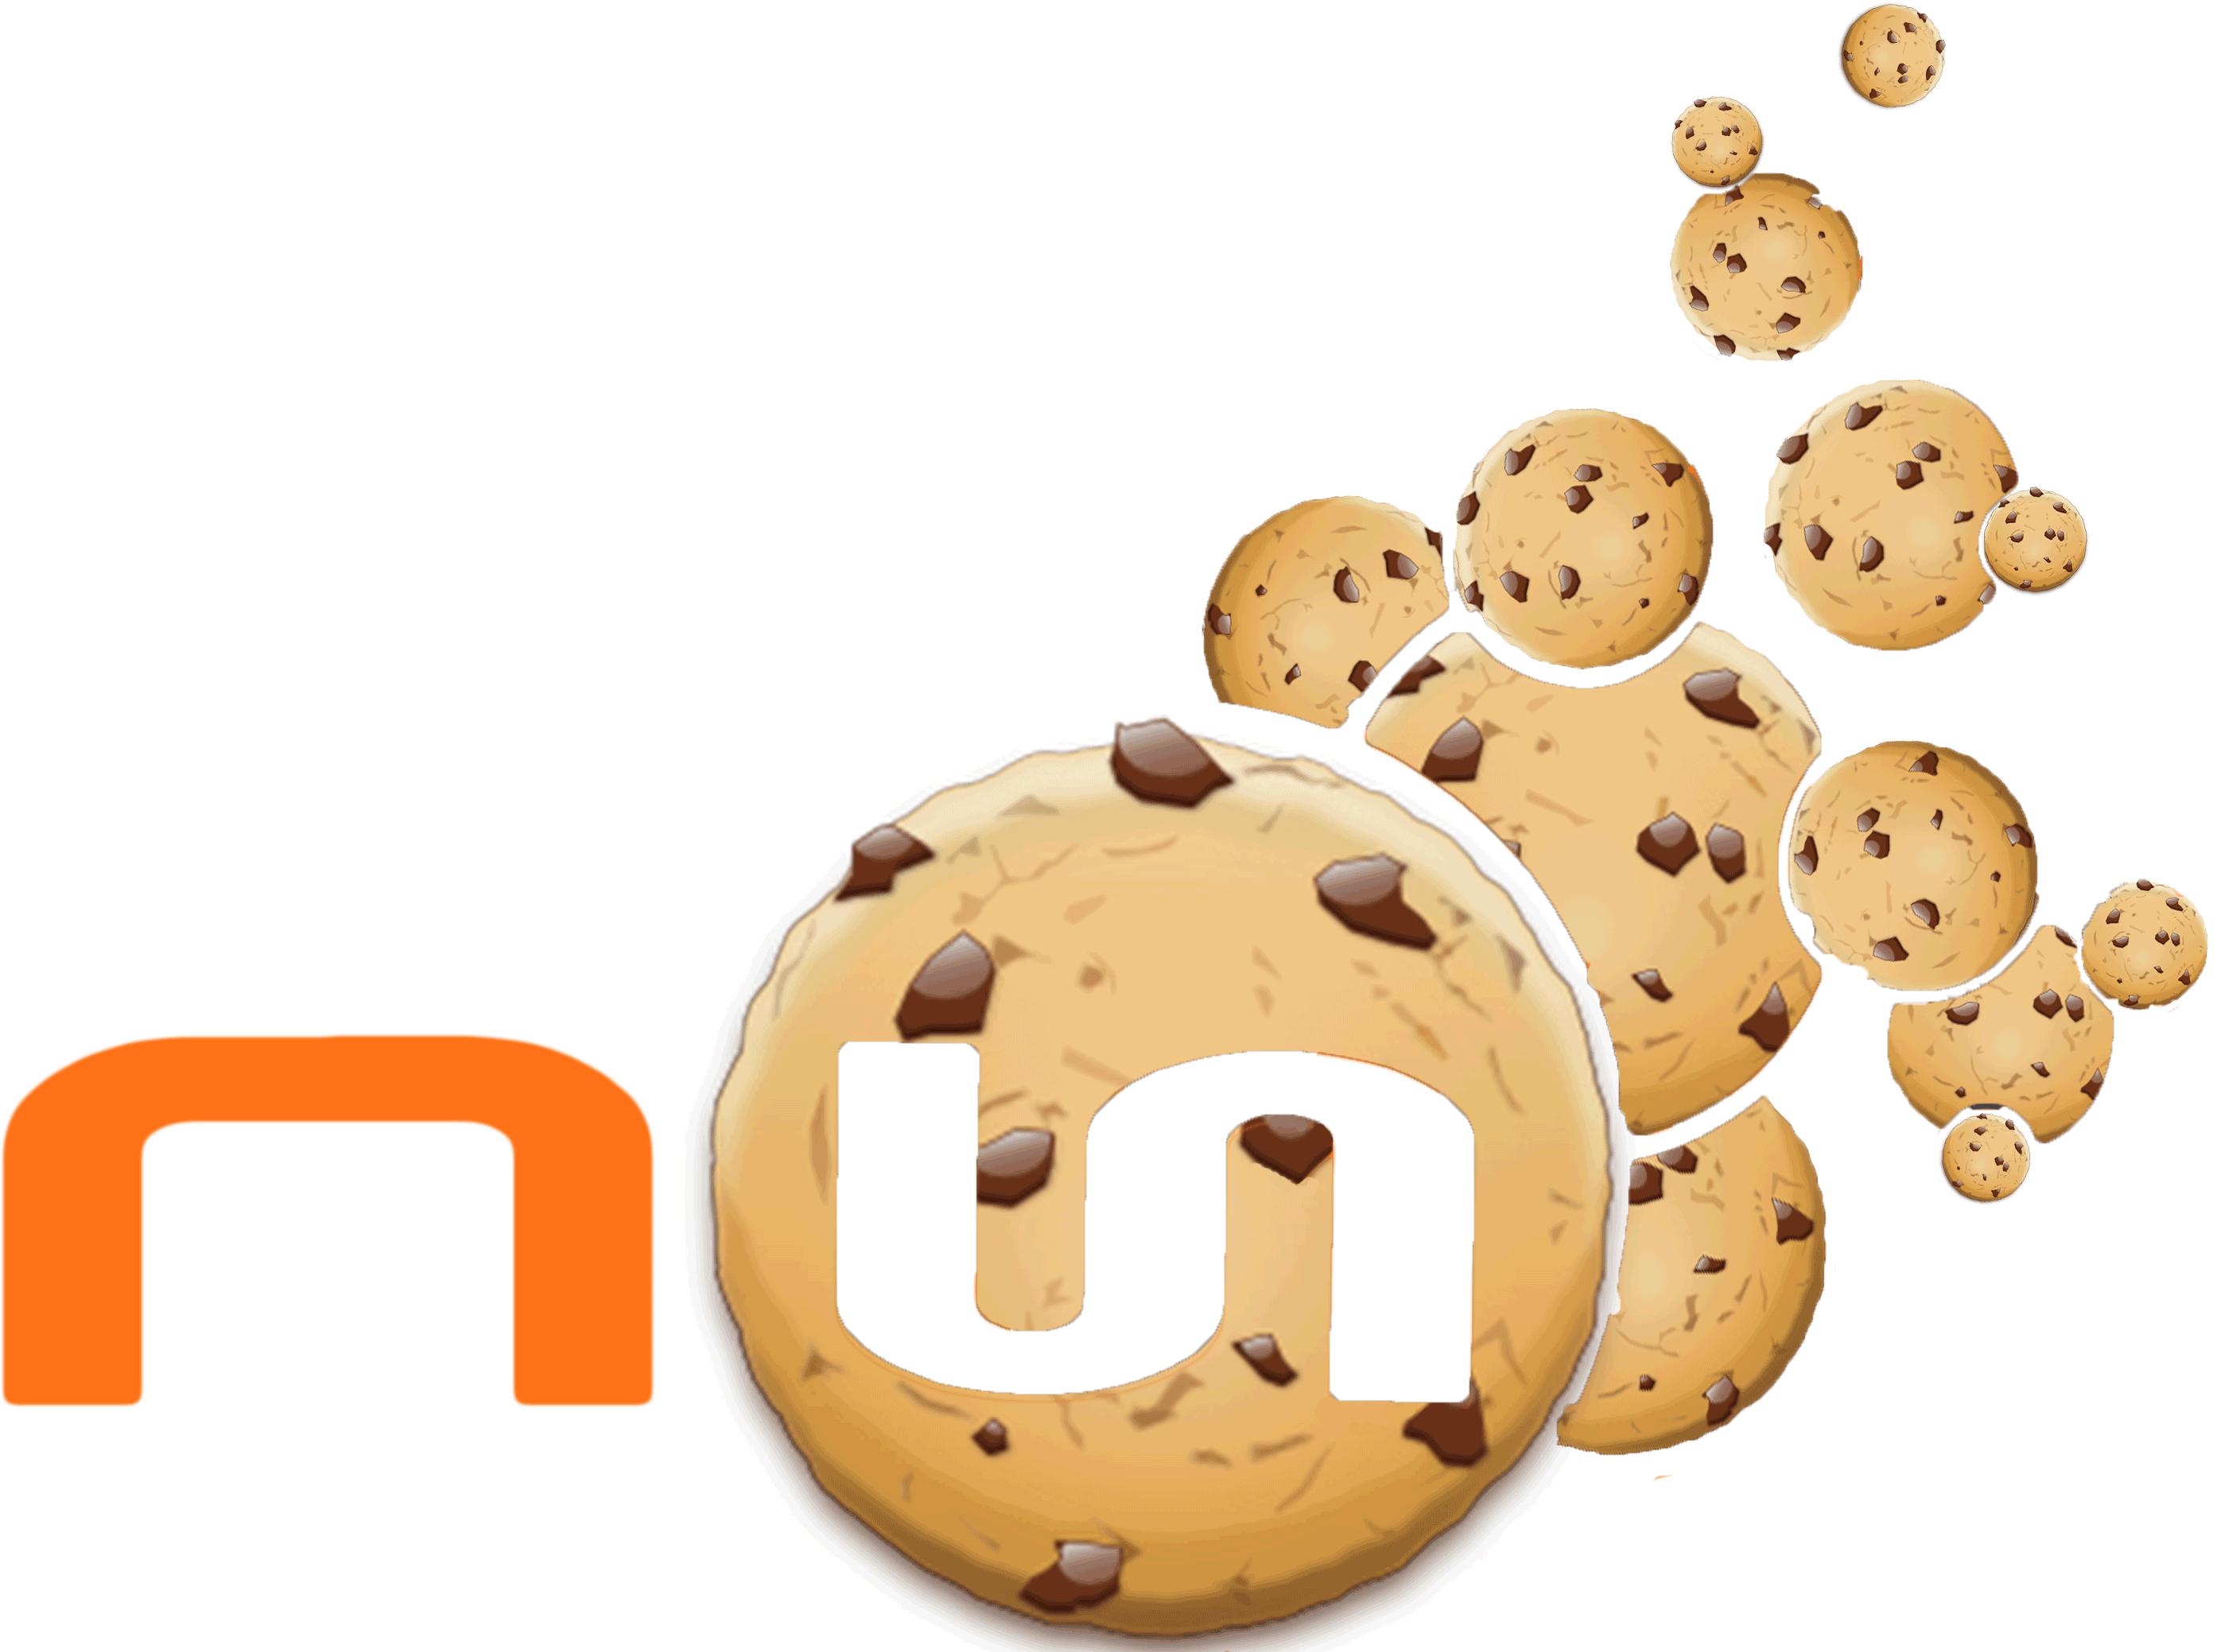 neo-cookies